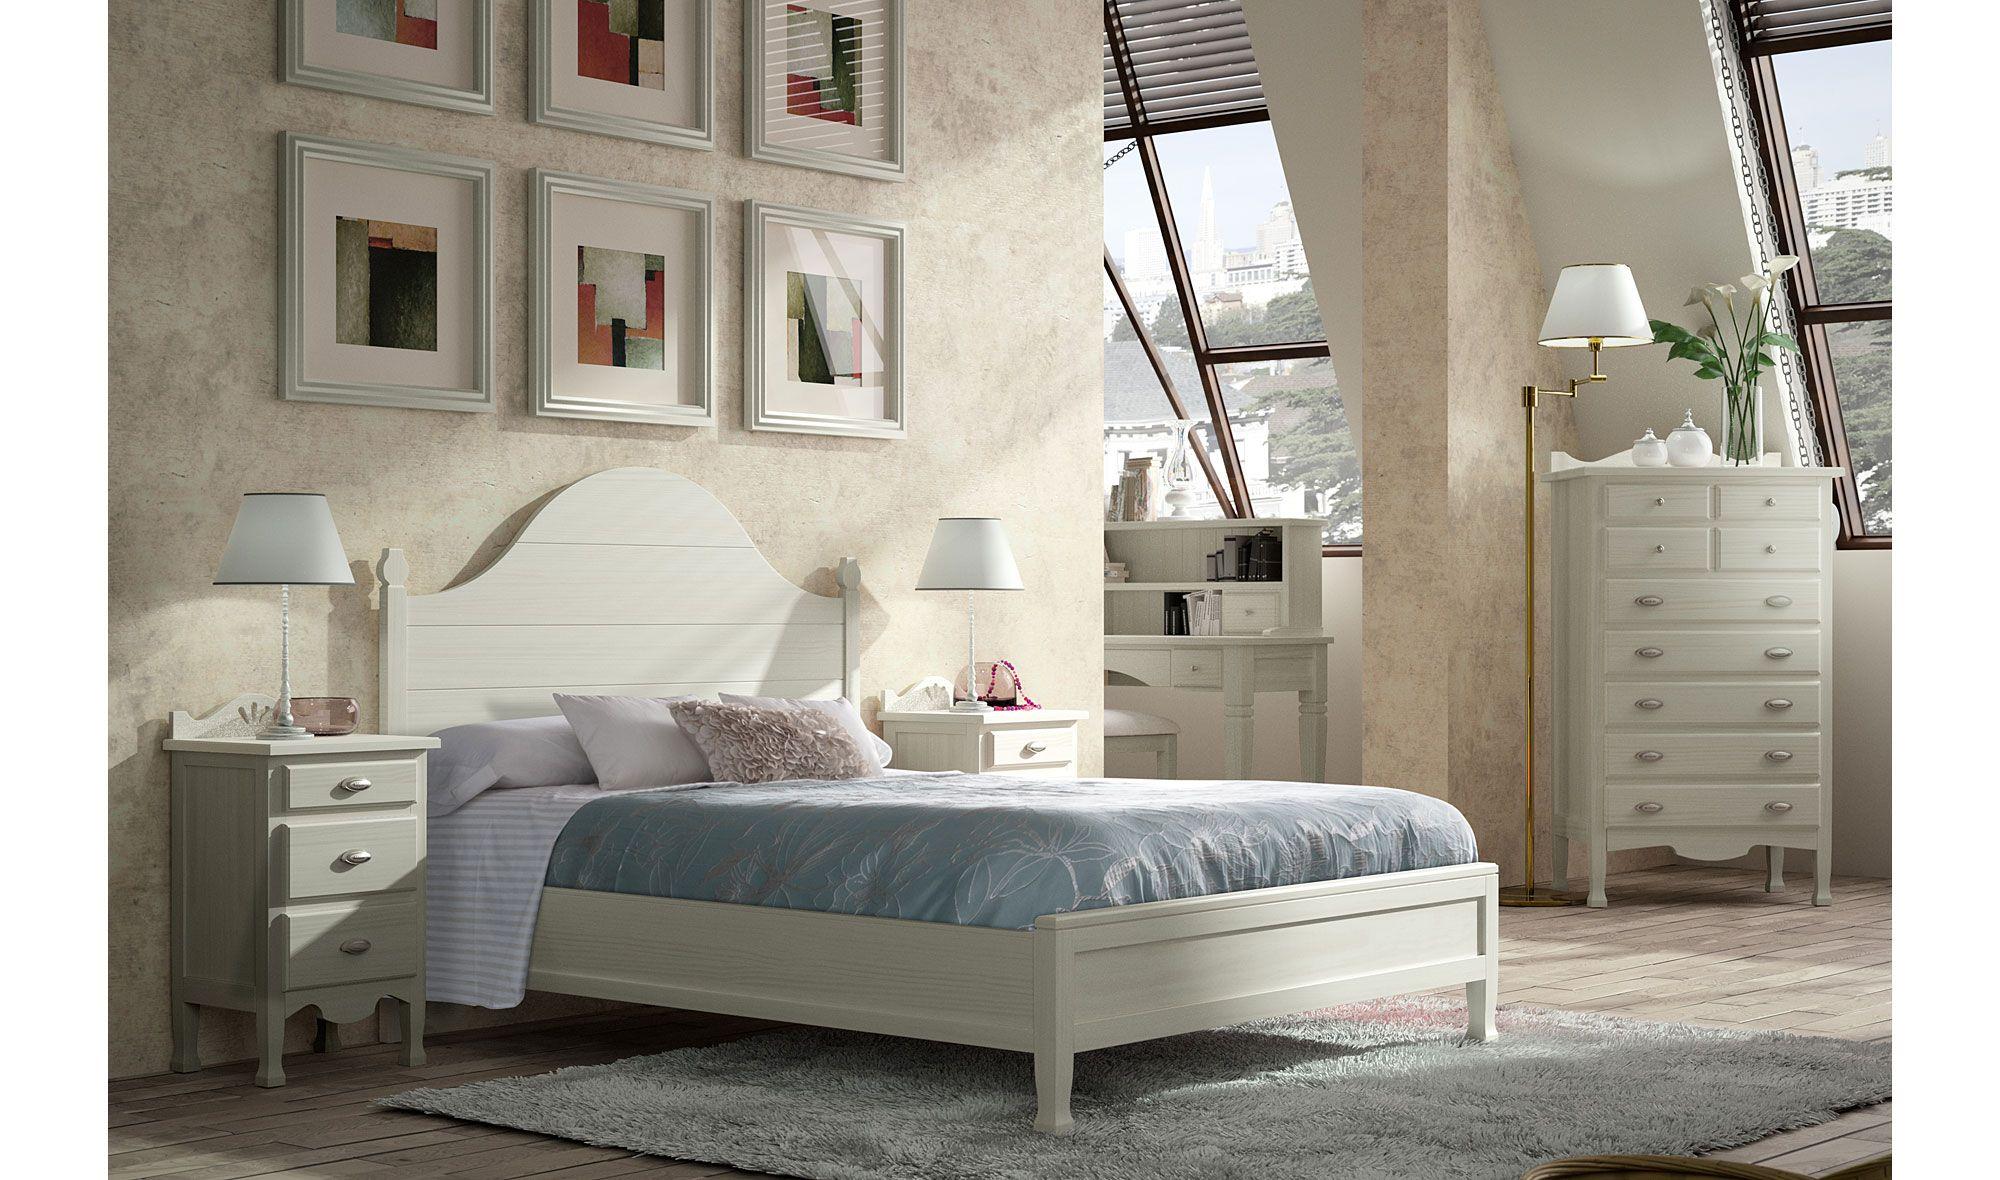 Dormitorio vintage provenzal blanco Decco de lujo en ...